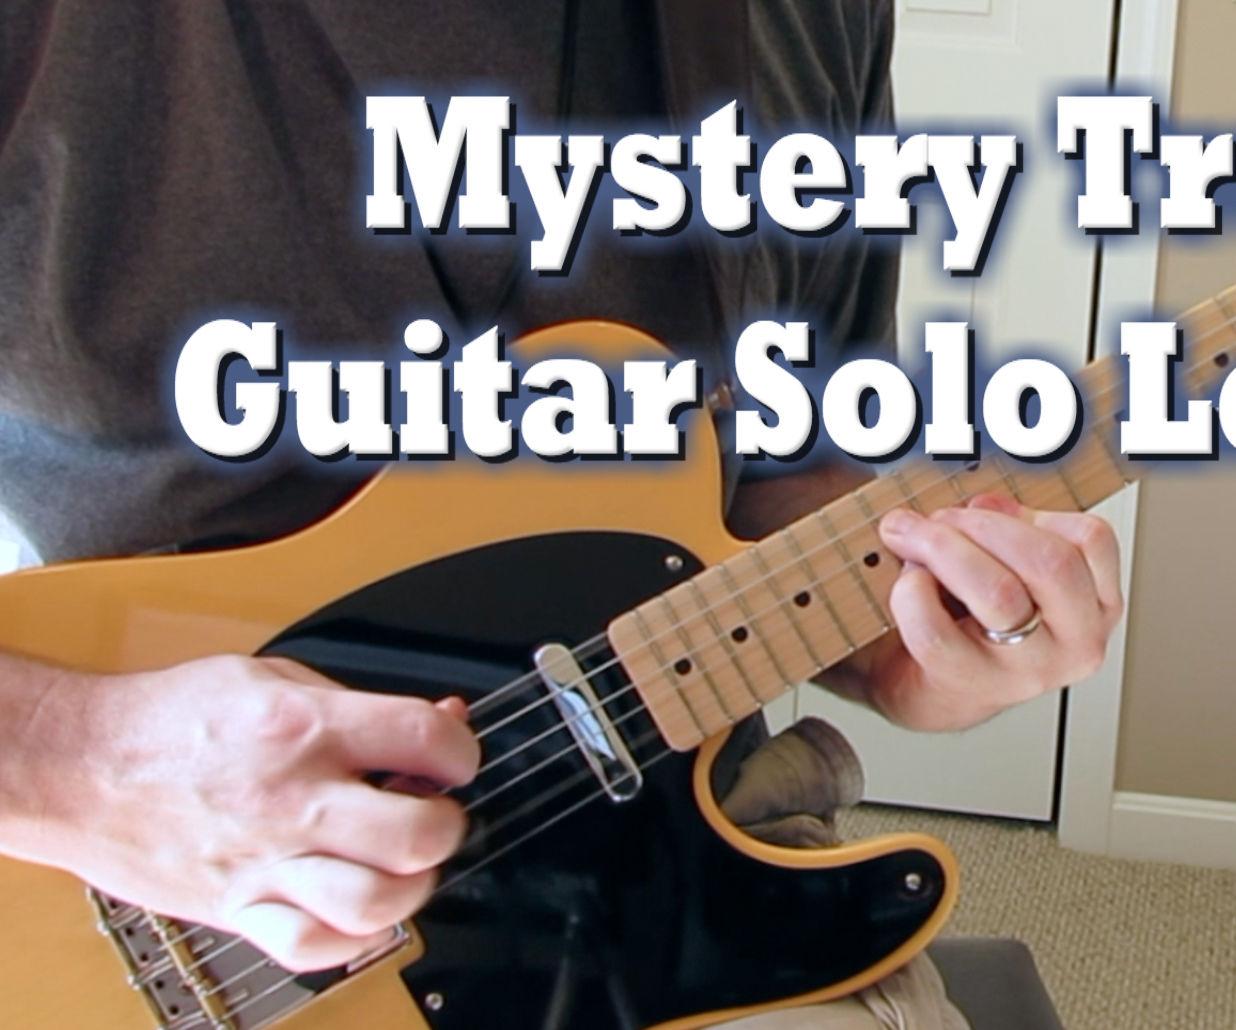 Mystery Train Guitar Solo